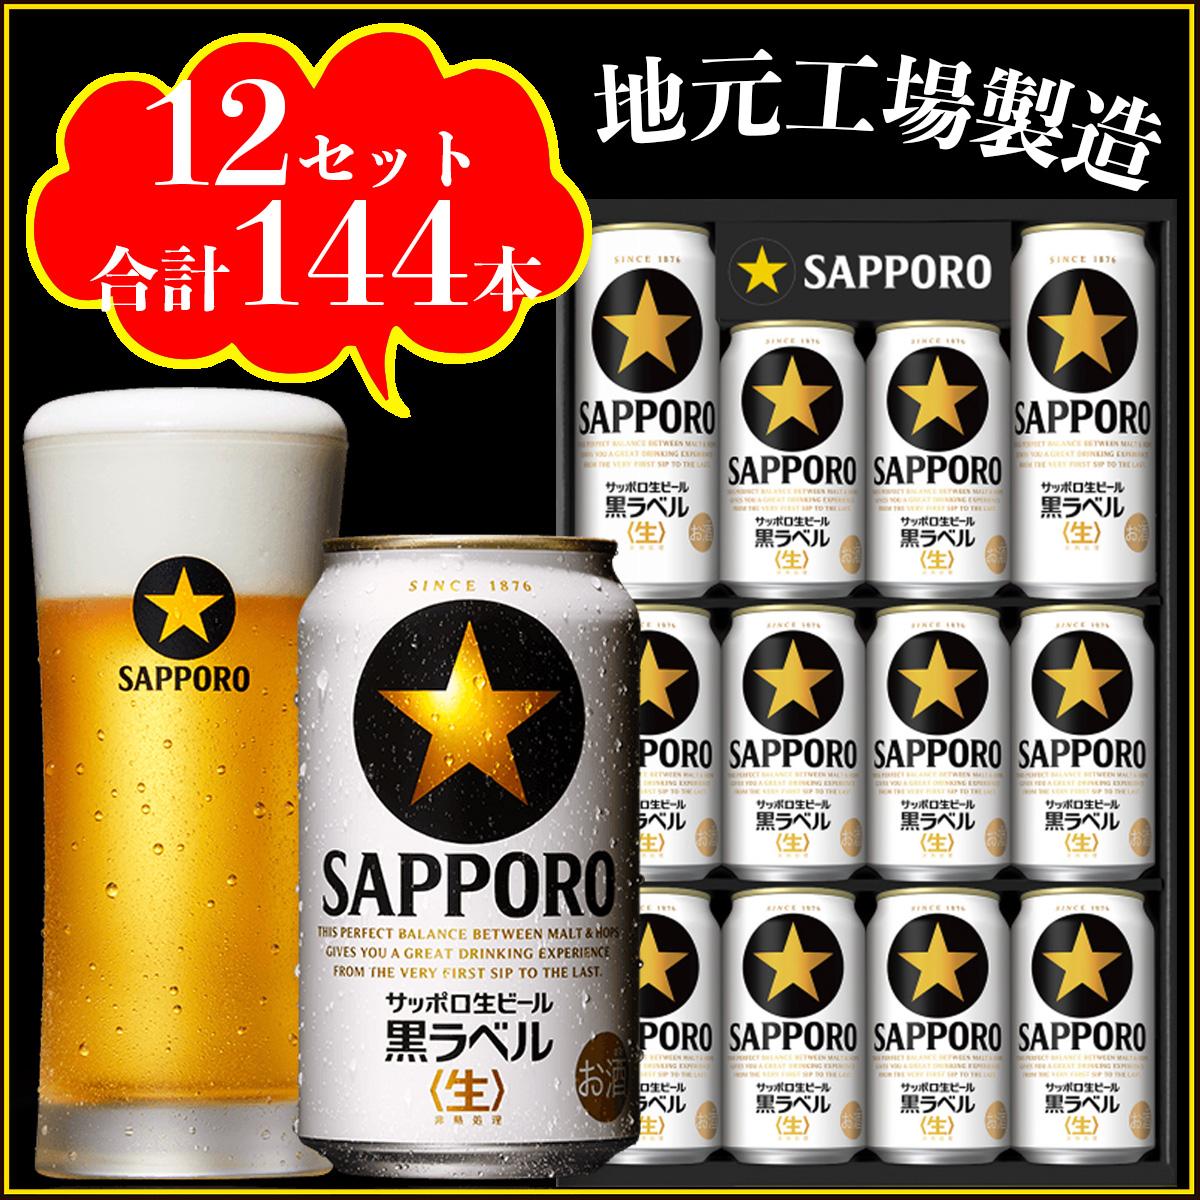 【ふるさと納税】【一括お届け便】地元名取生産 サッポロ生ビール黒ラベル(350ml×10本&500ml×2本)12ケースお届け